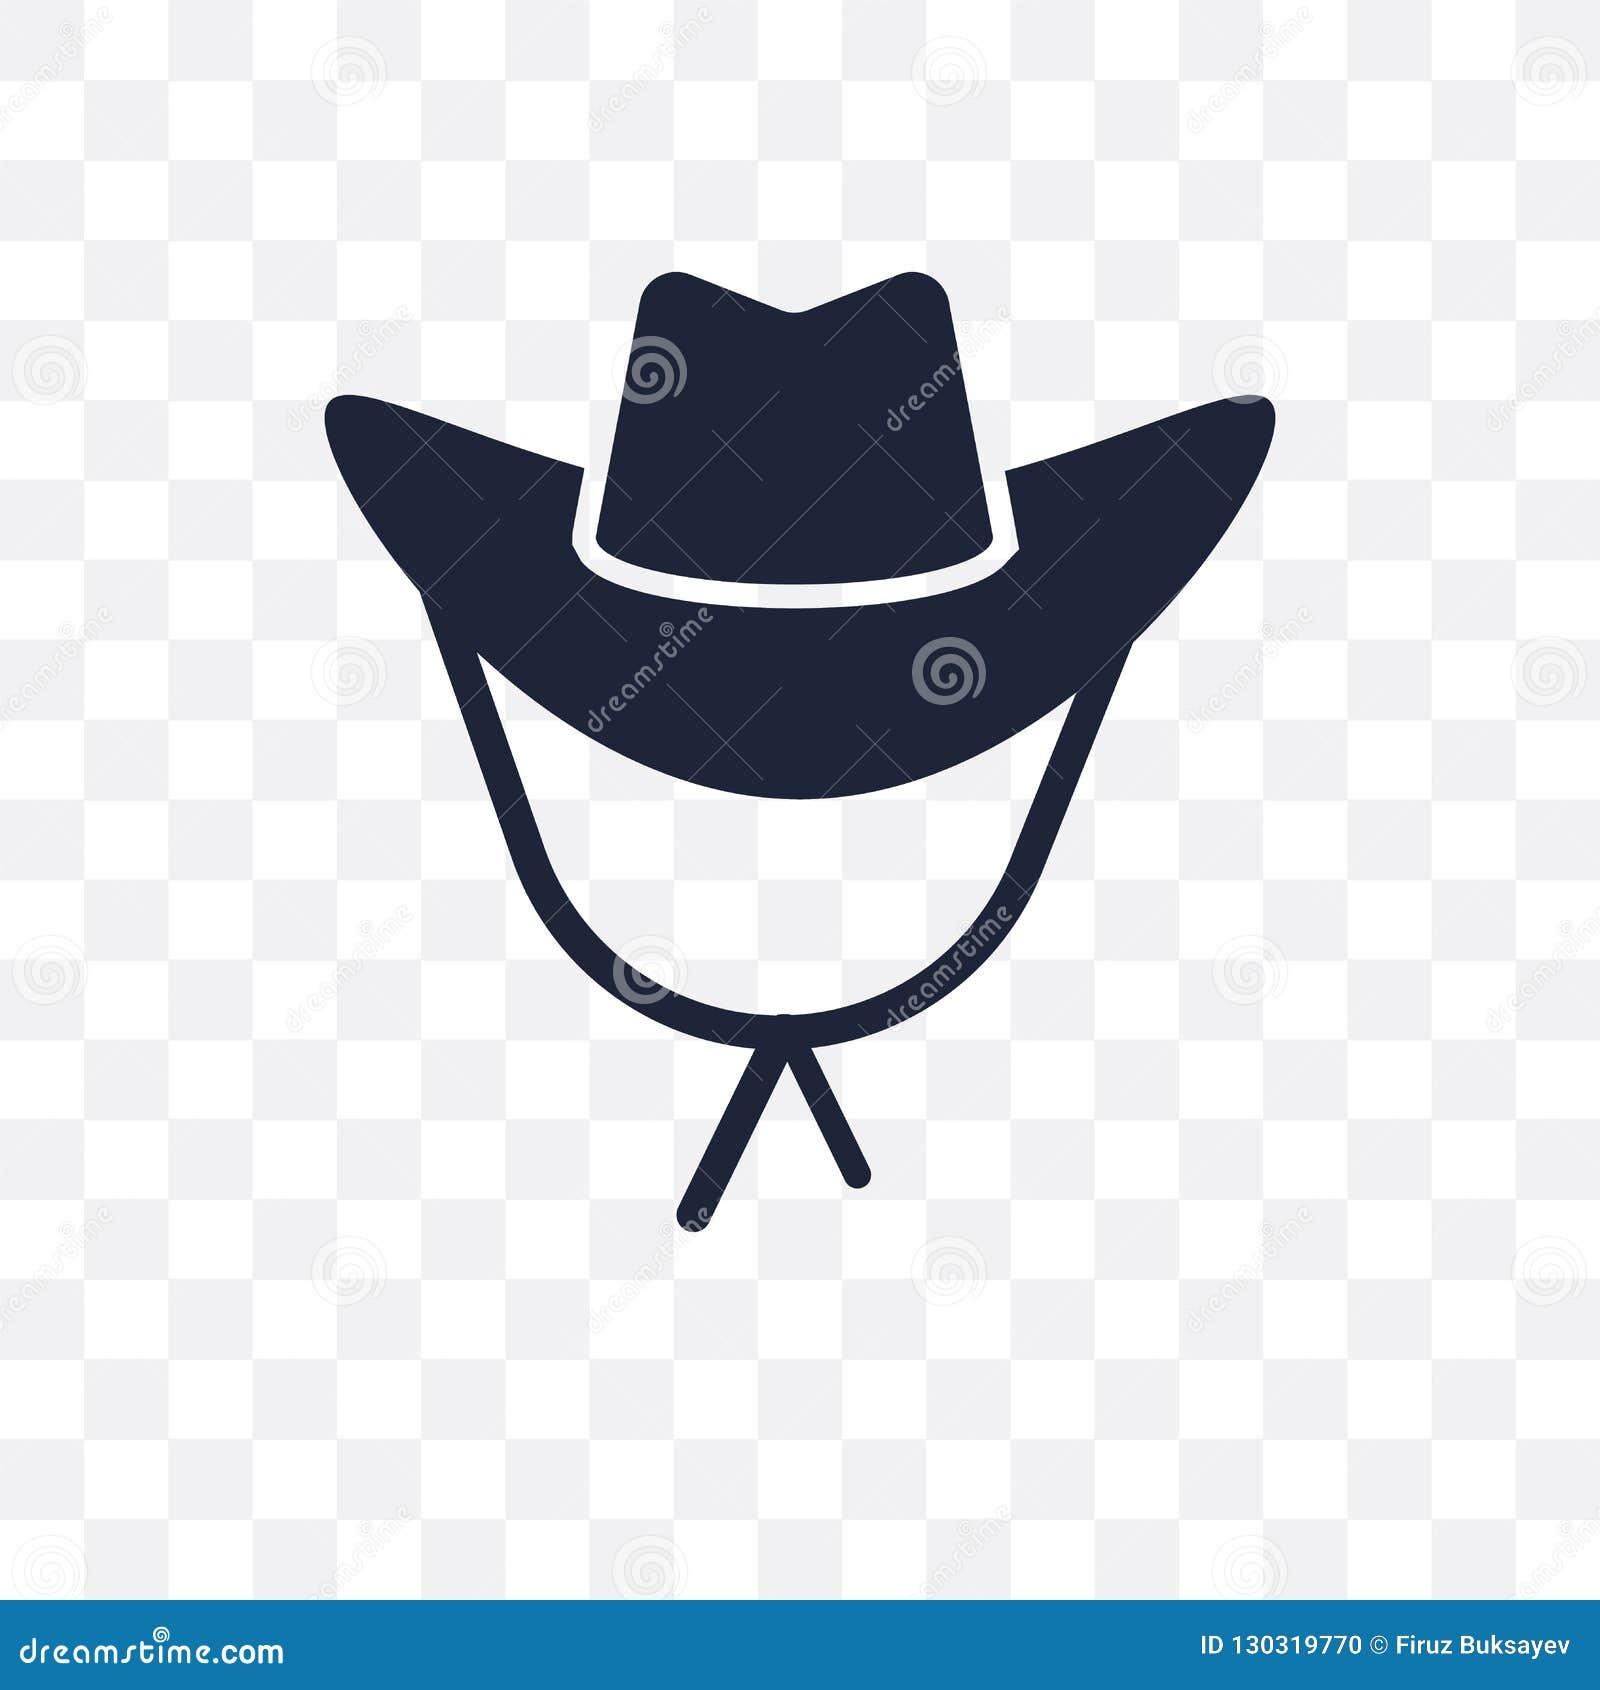 e9e74d3b5c9 Cowboy Hat transparent icon. Cowboy Hat symbol design from Desert  collection.